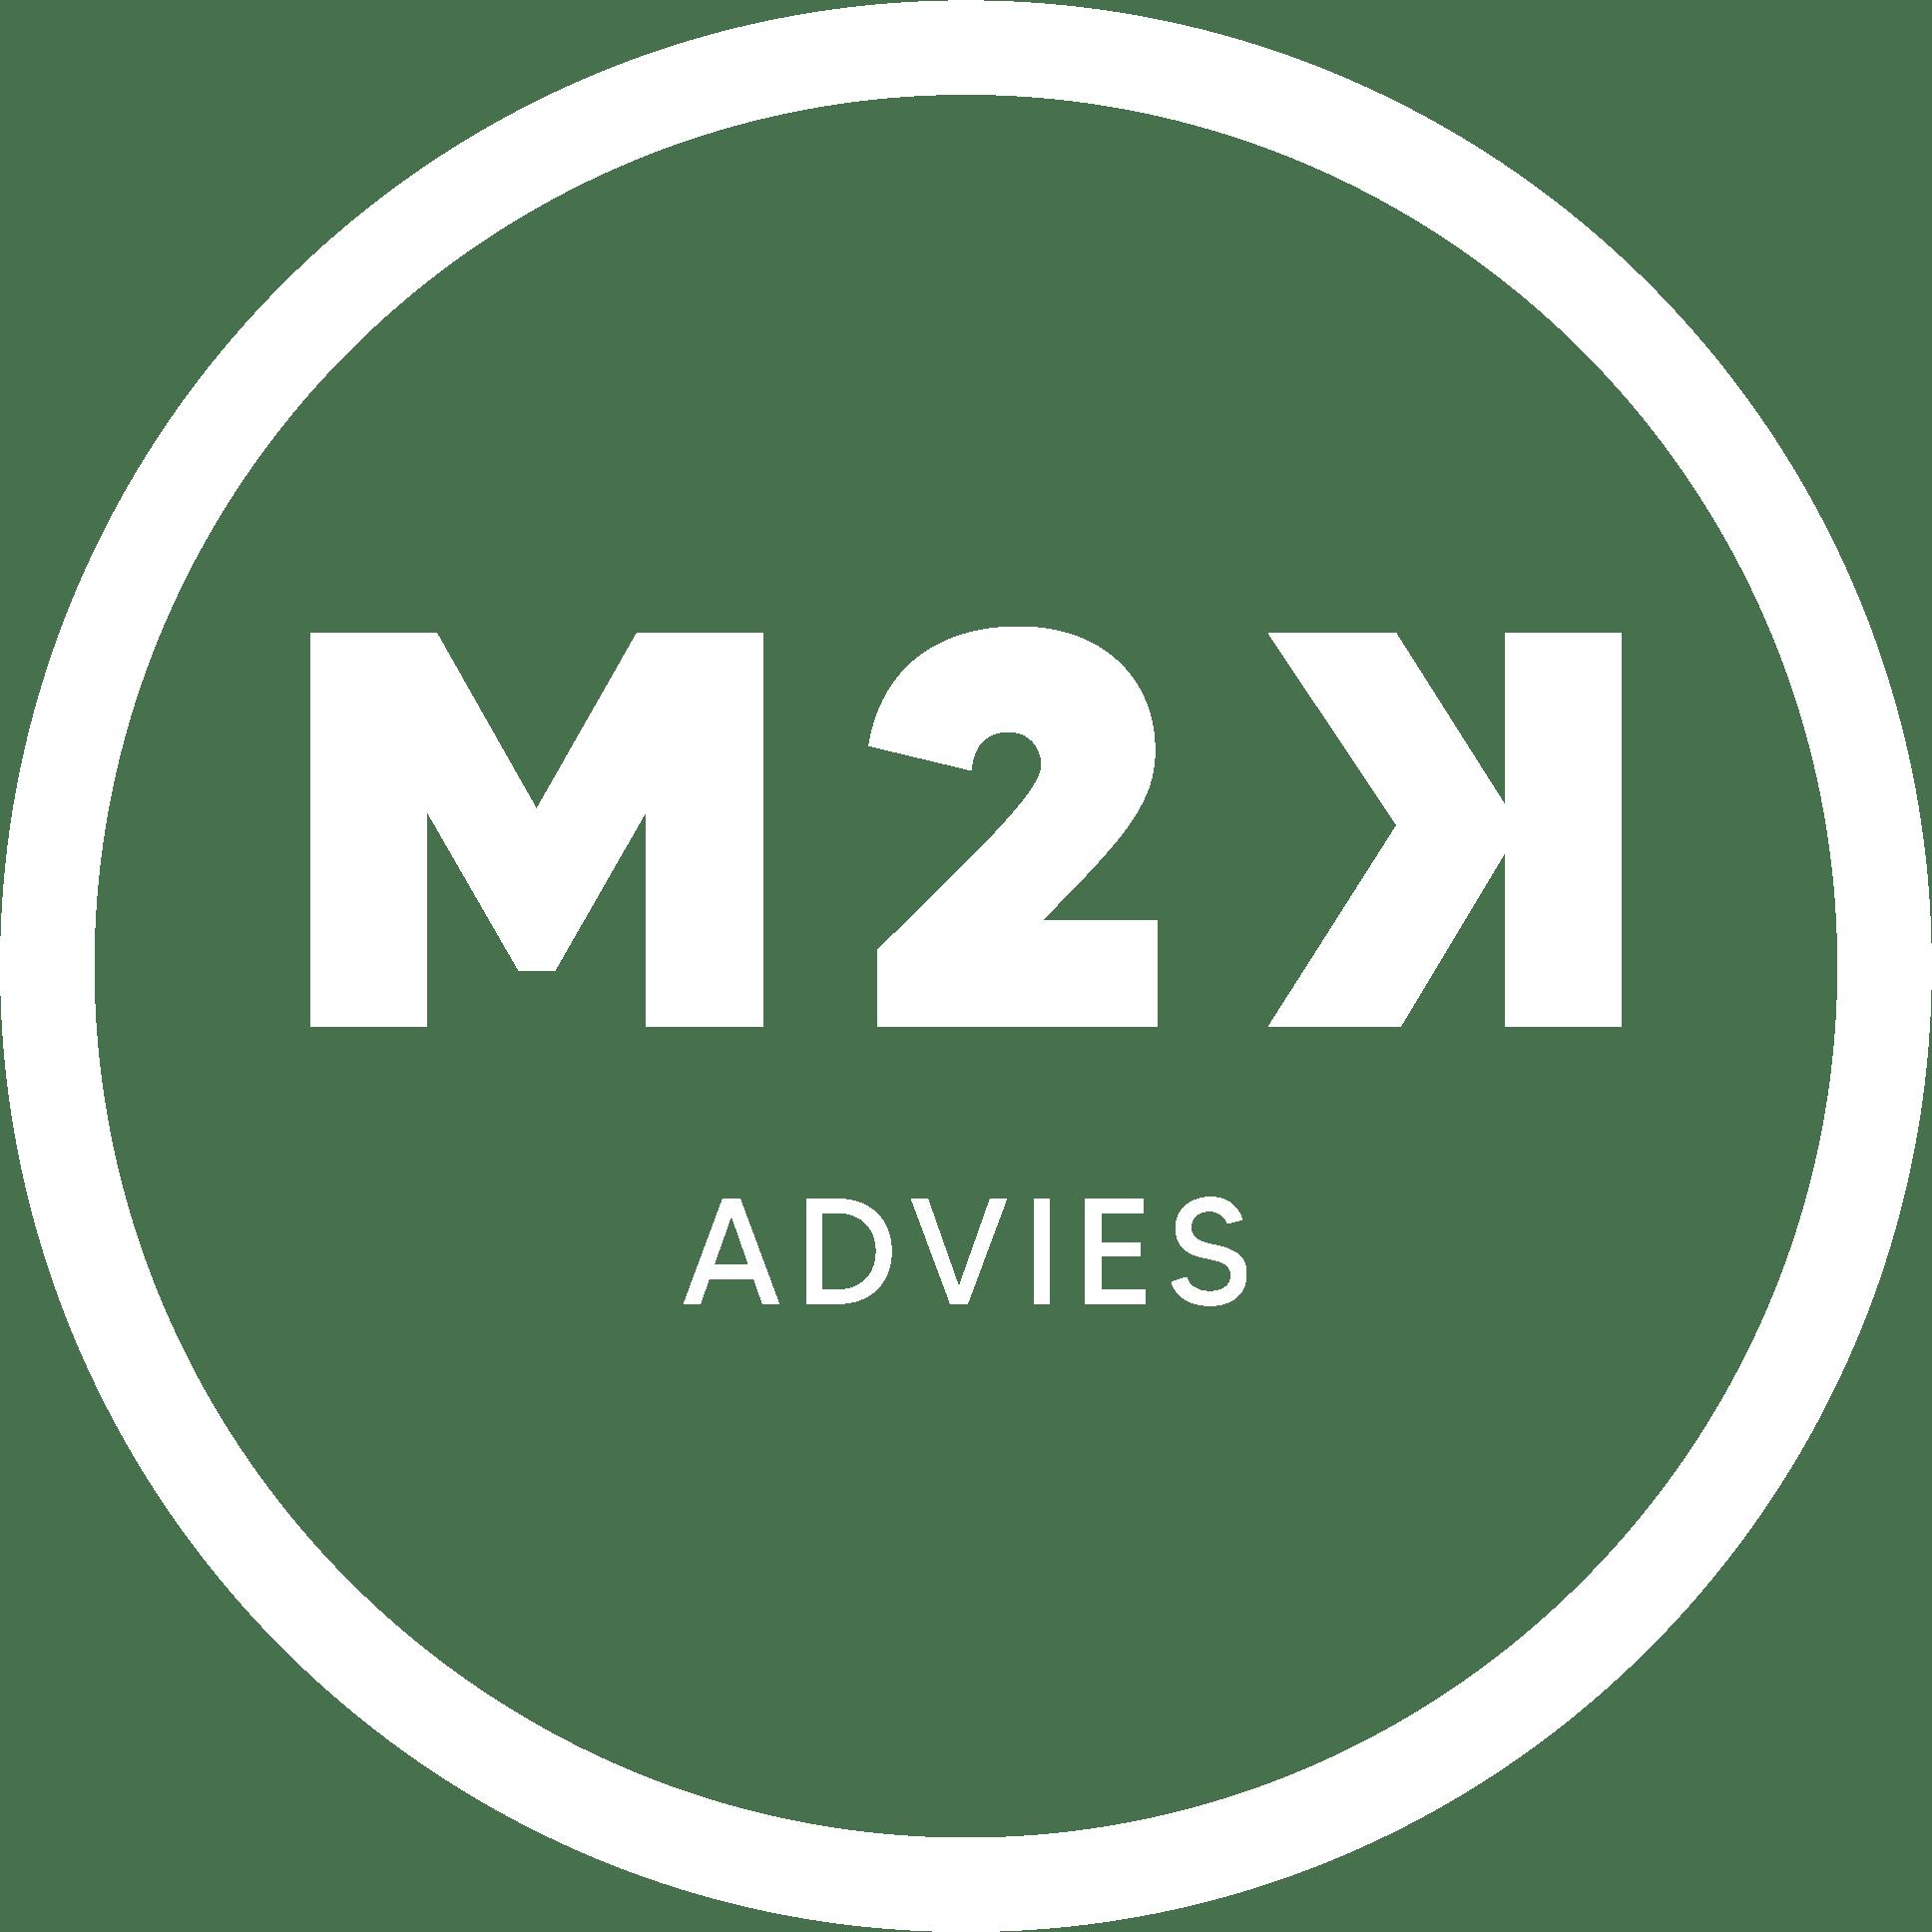 M2K Advies